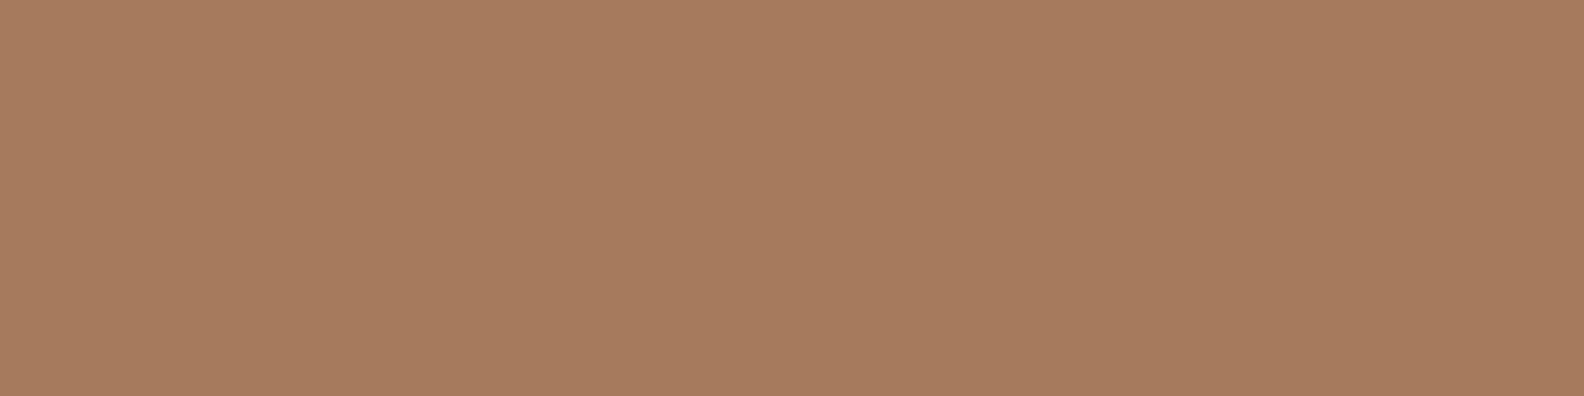 1584x396 Cafe Au Lait Solid Color Background